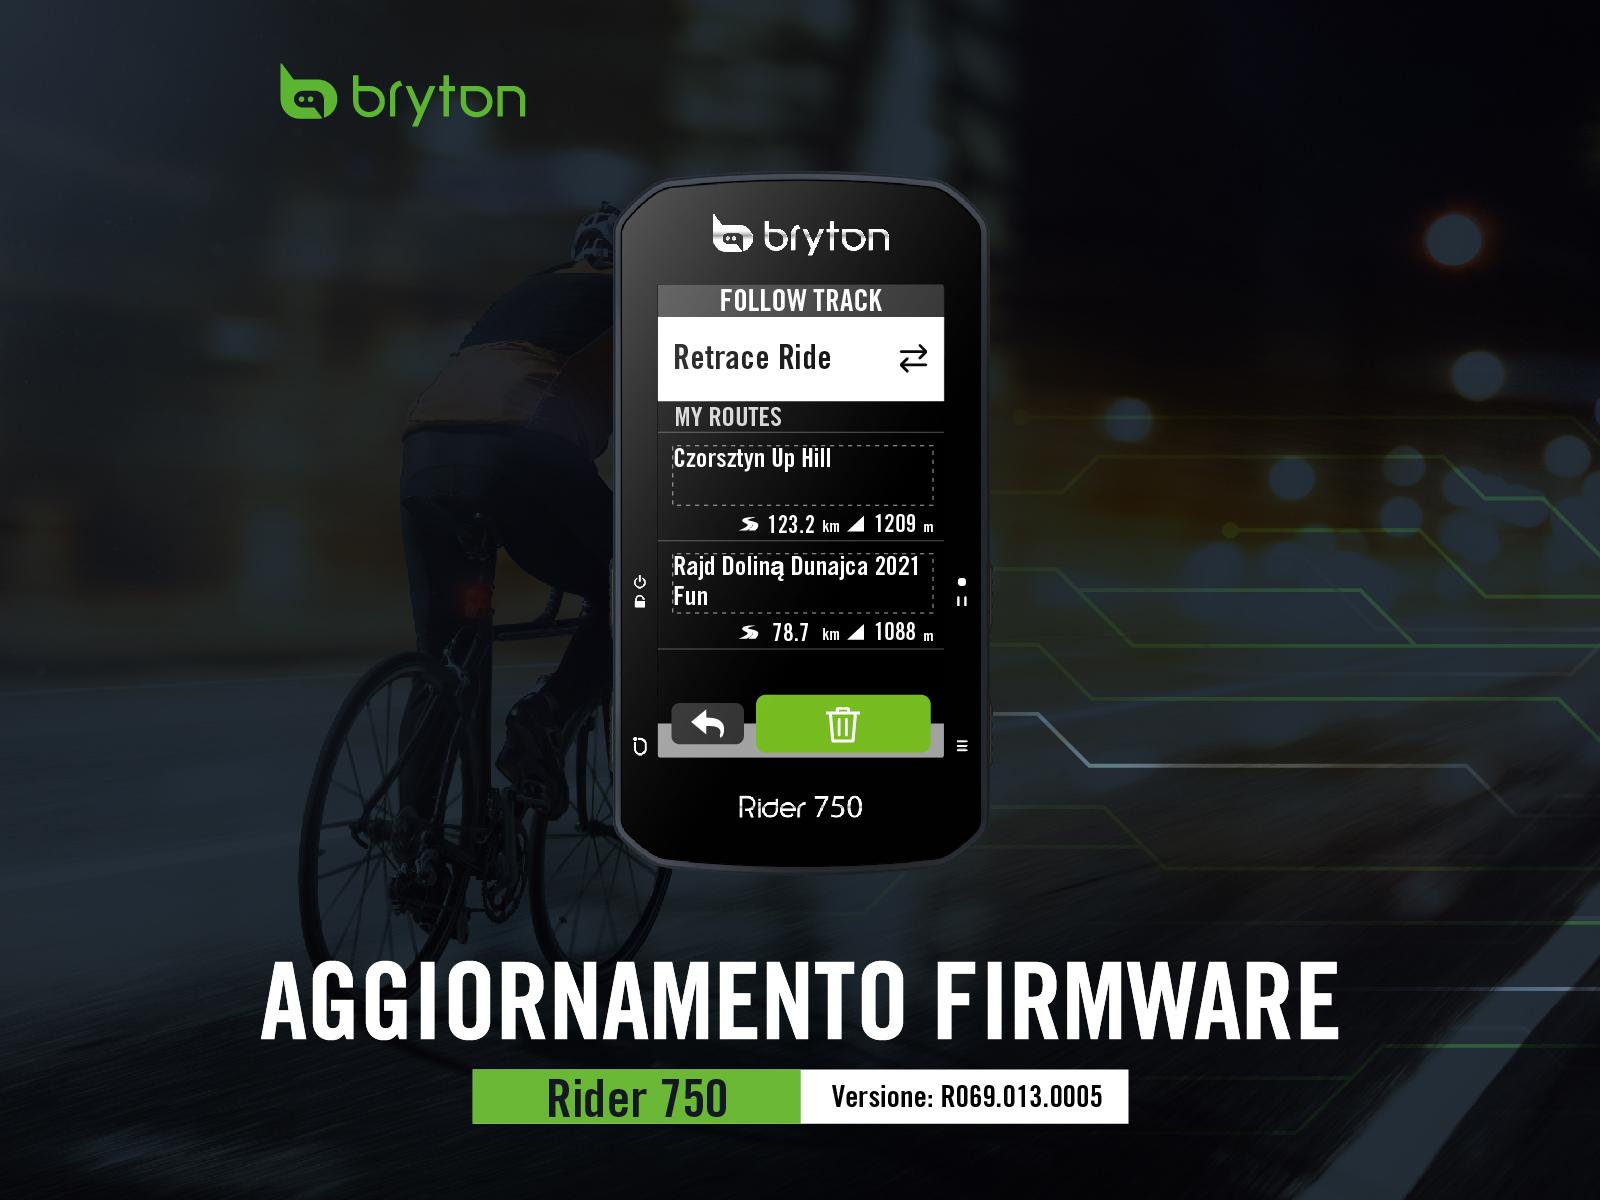 Rider 750 aggiornamento firmware